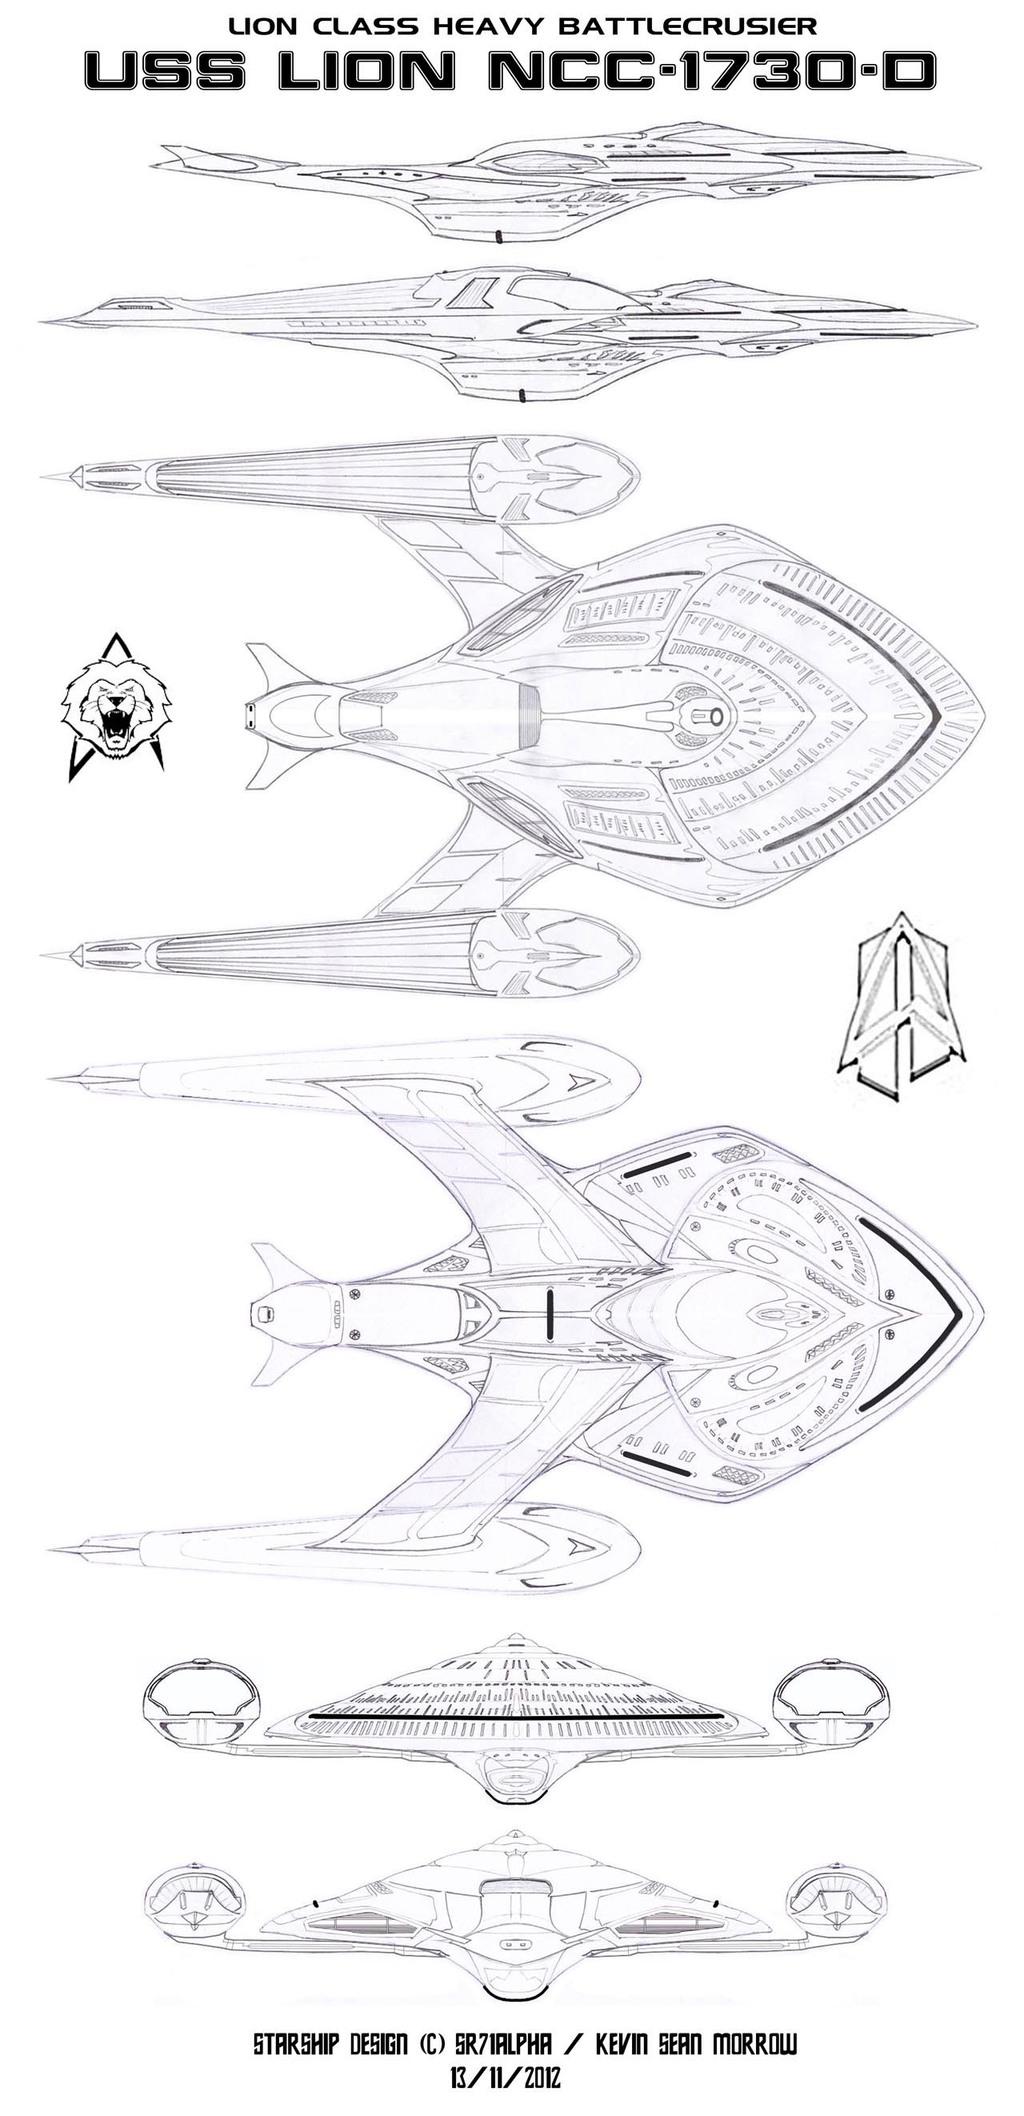 USS LION NCC-1730-D